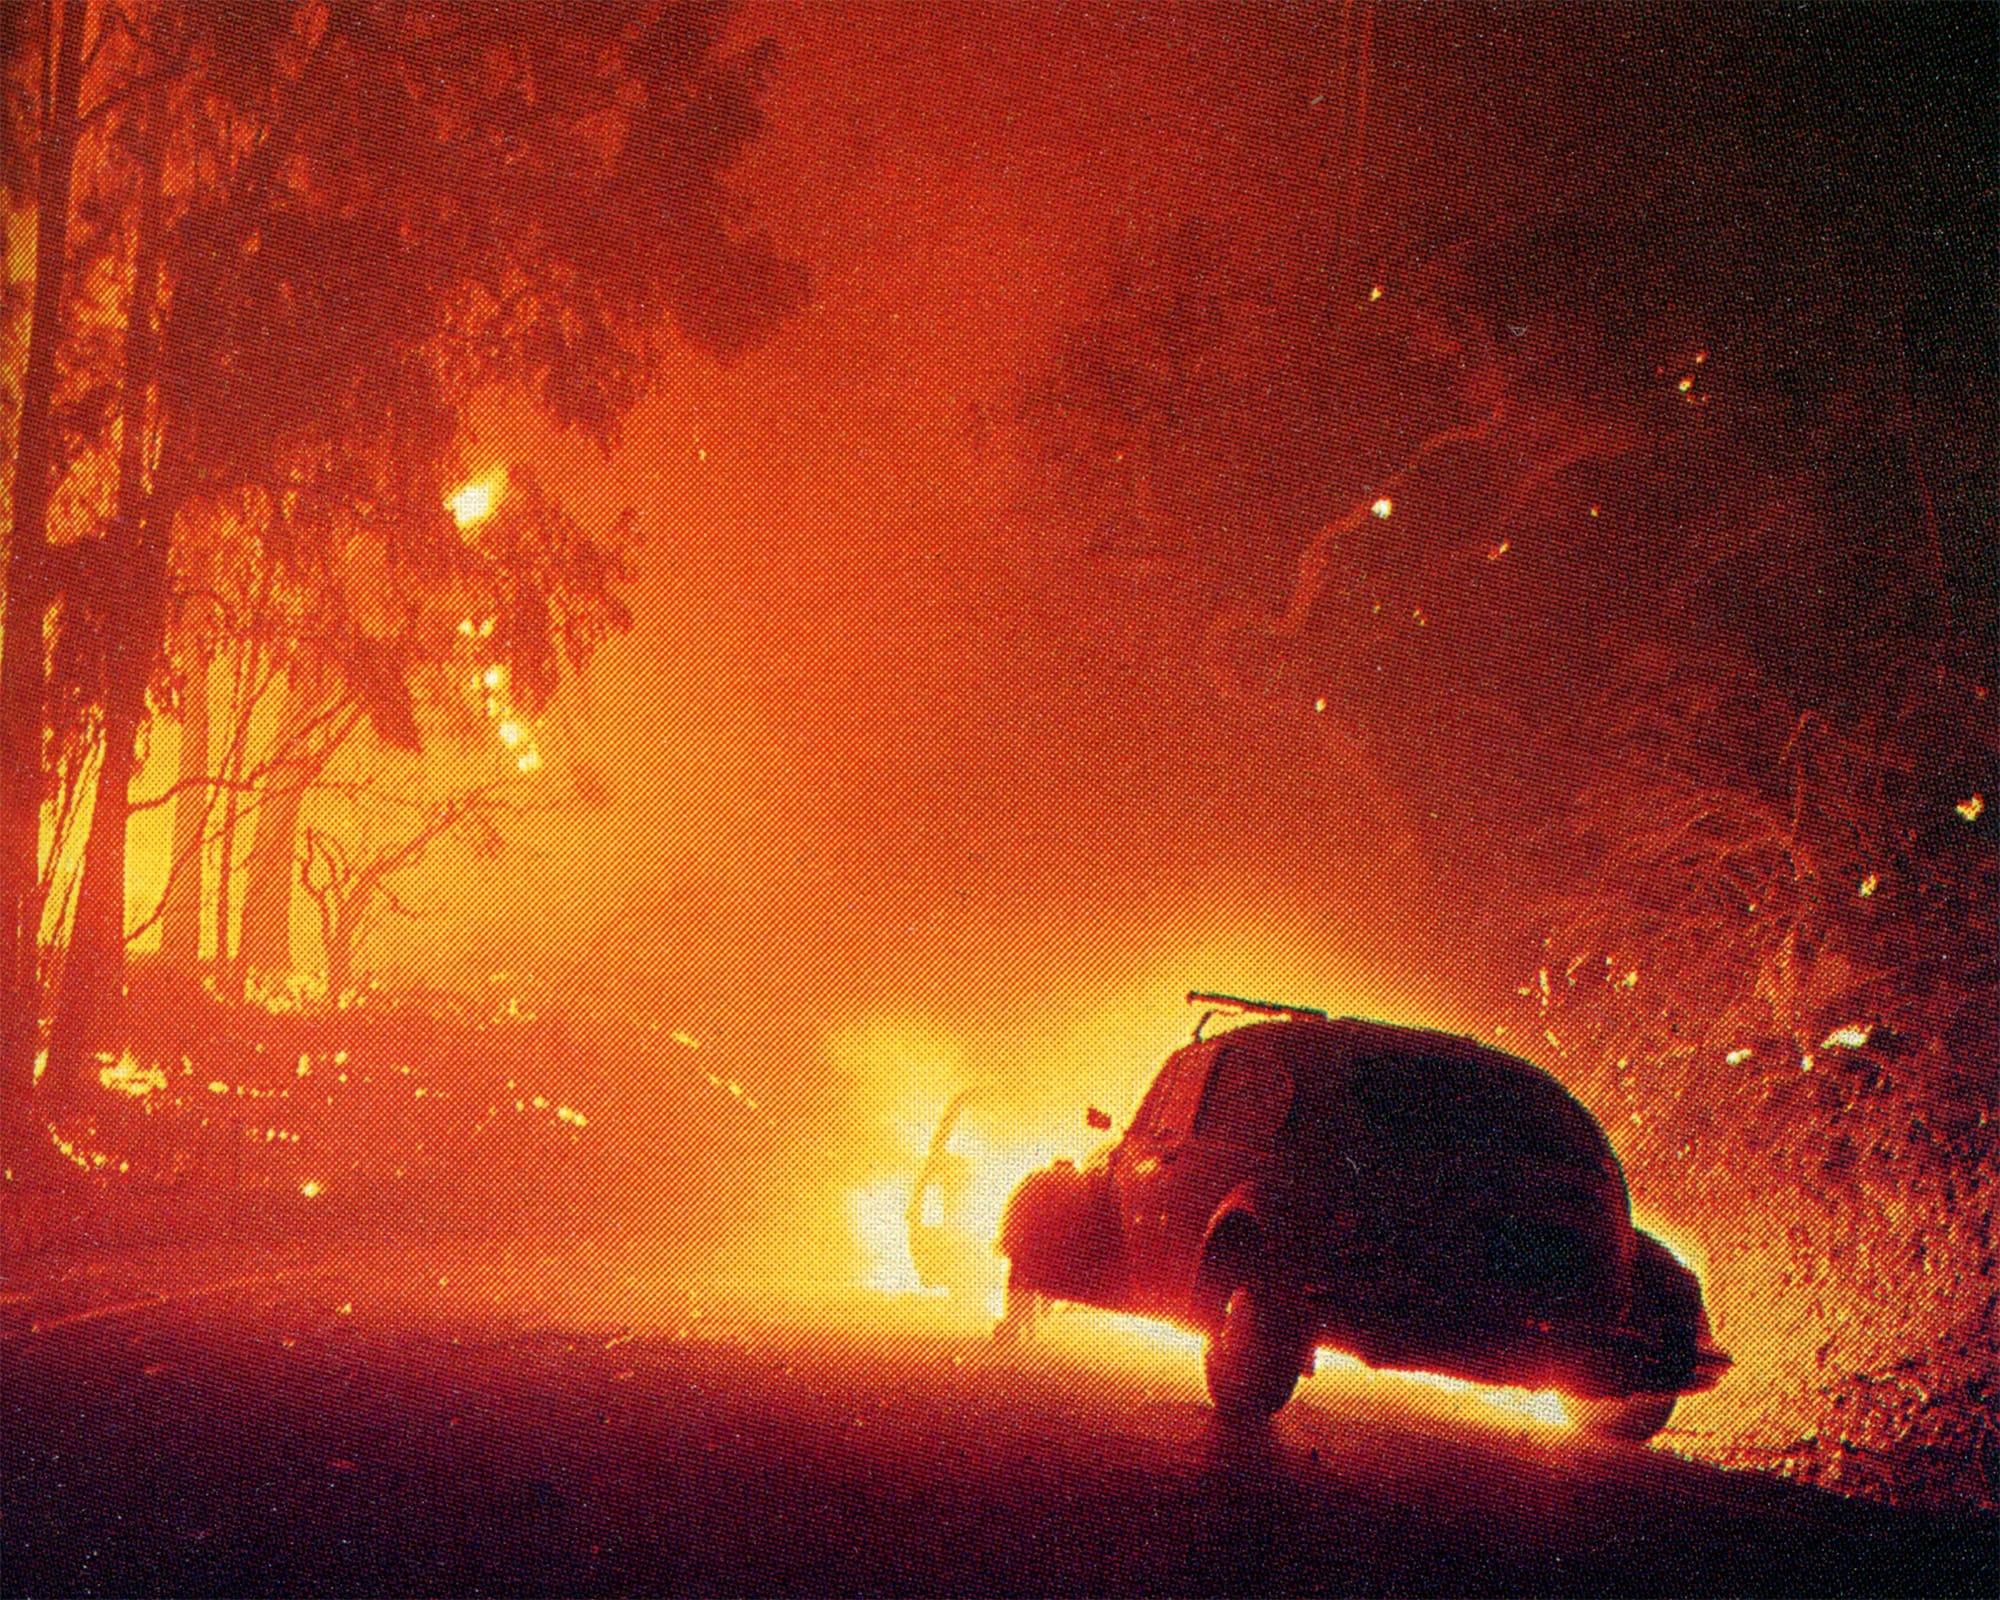 1977 Sycamore Fire